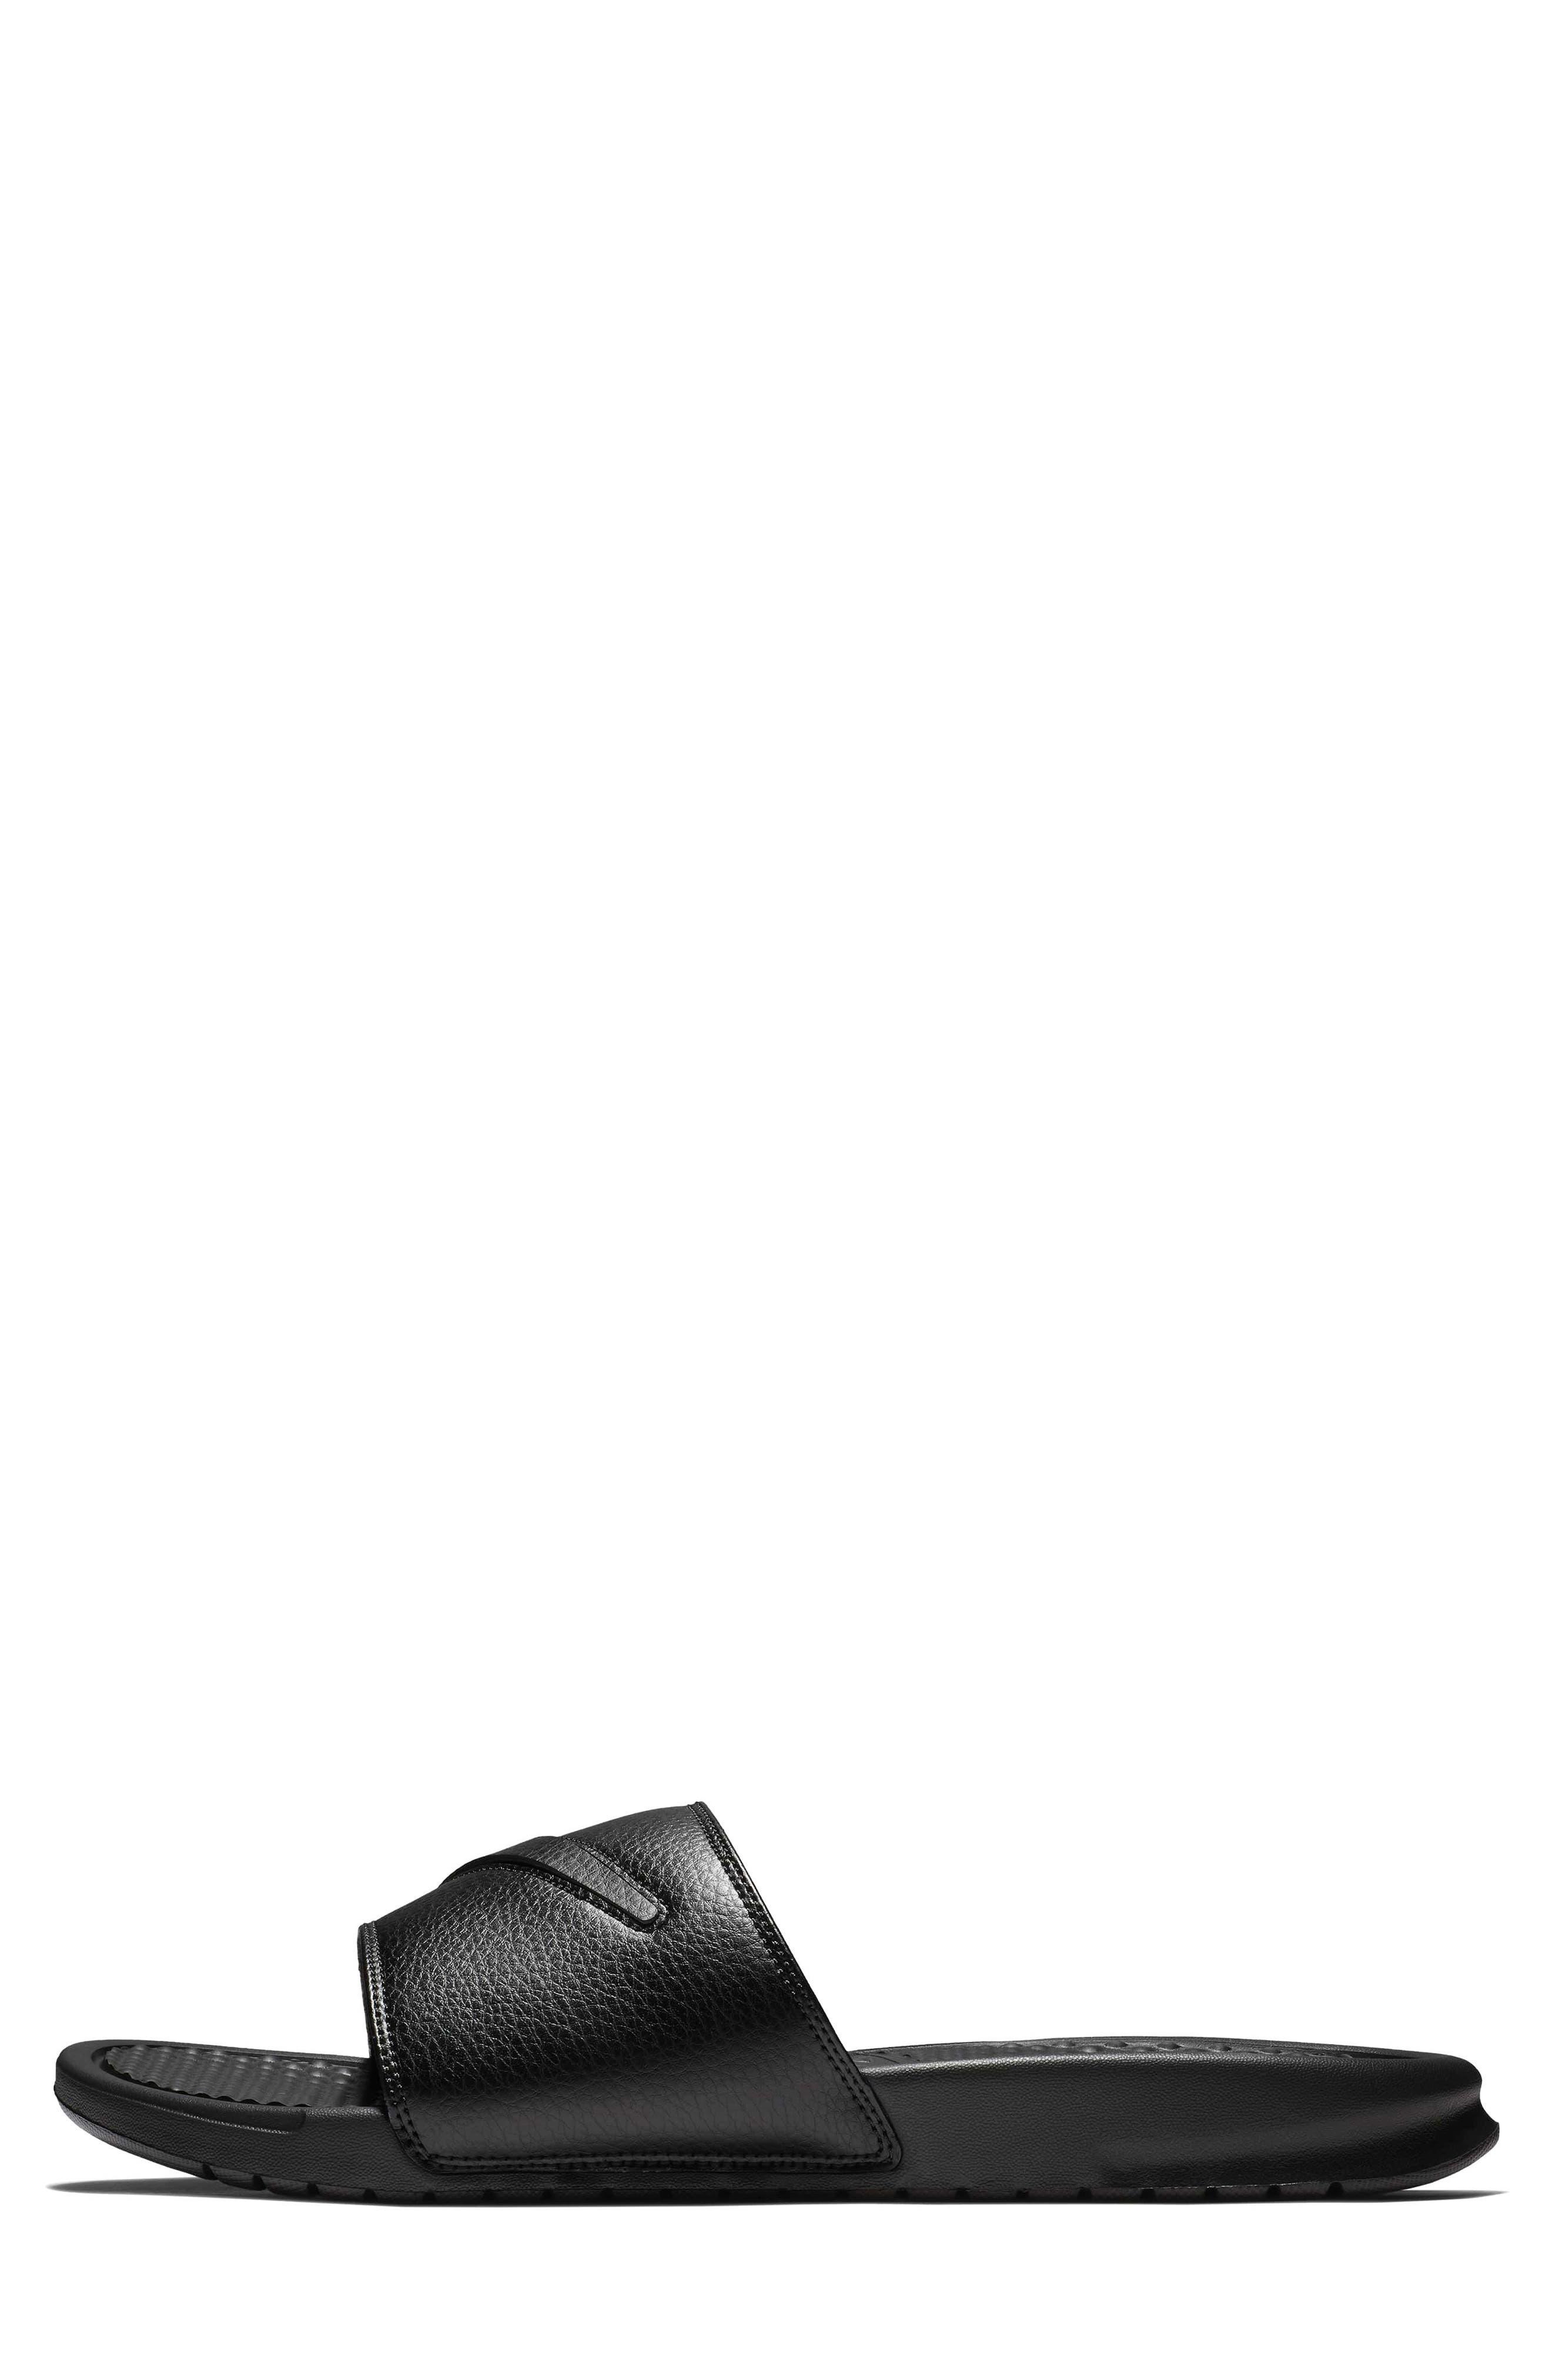 NIKE,                             Benassi JDI Customizable Slide Sandal,                             Alternate thumbnail 7, color,                             001